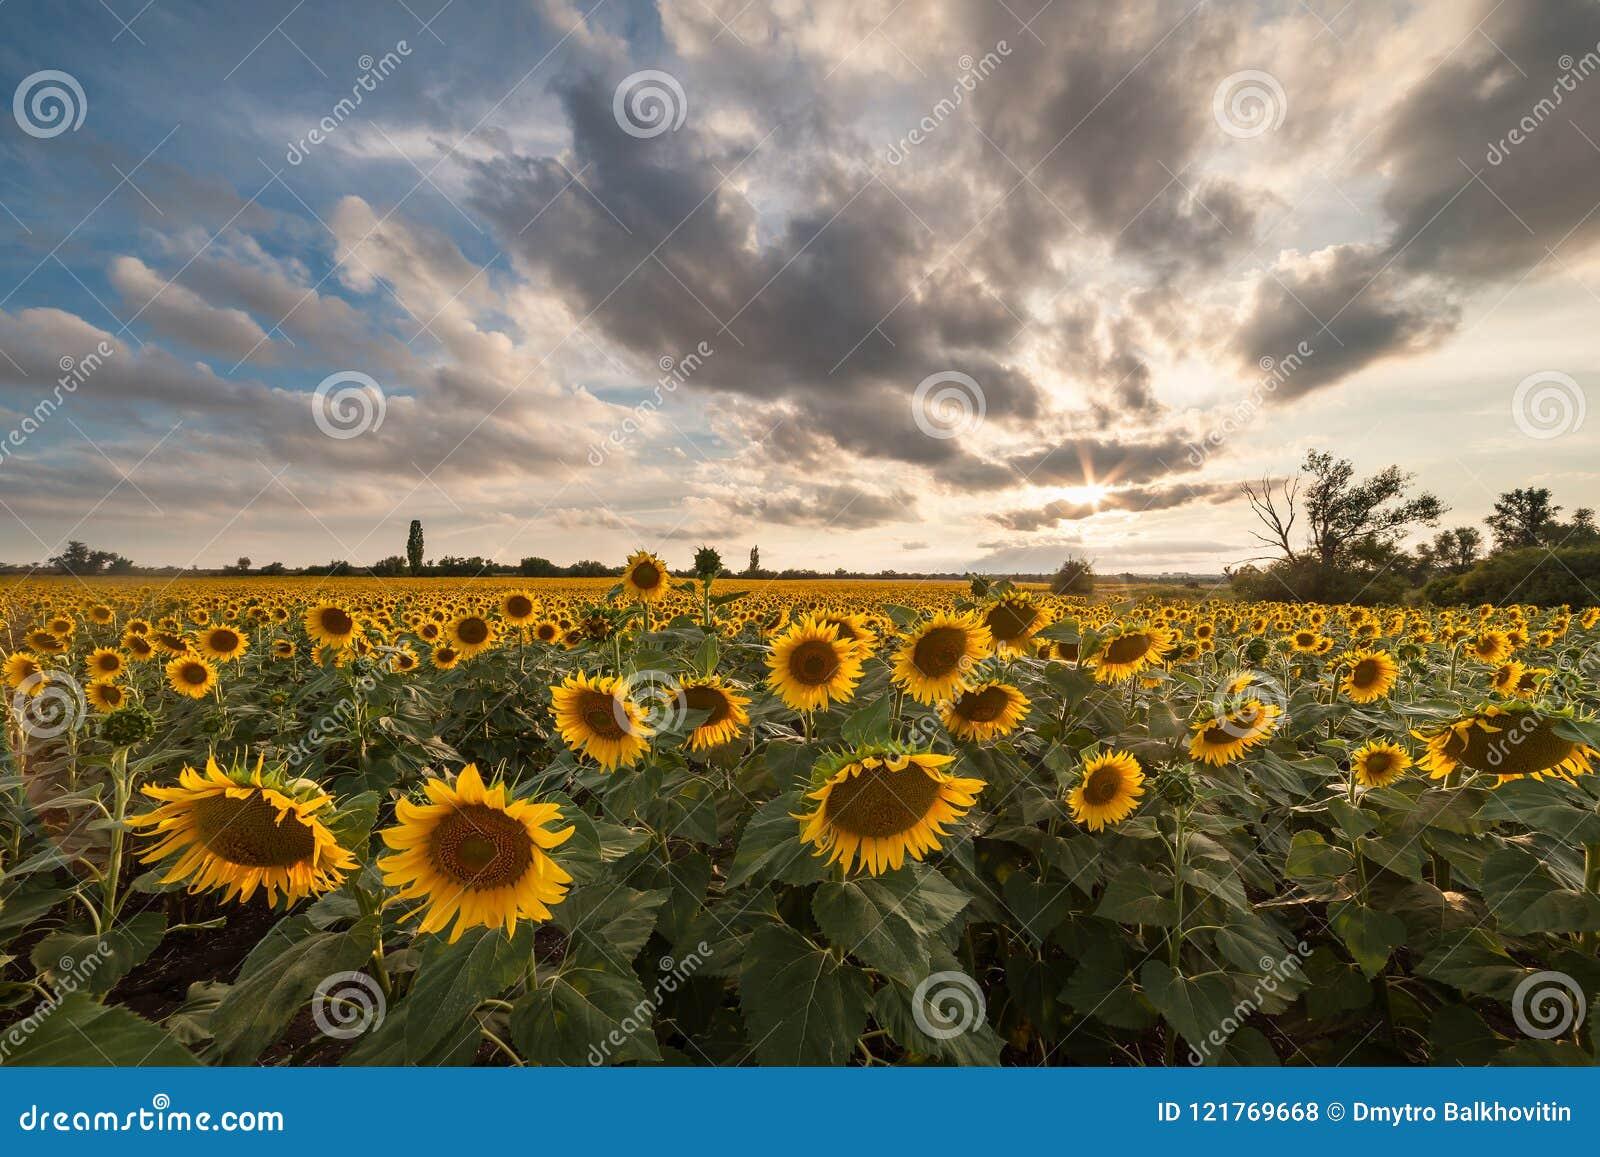 Paesaggio Agricolo Con I Girasoli Fotografia Stock - Immagine di ...